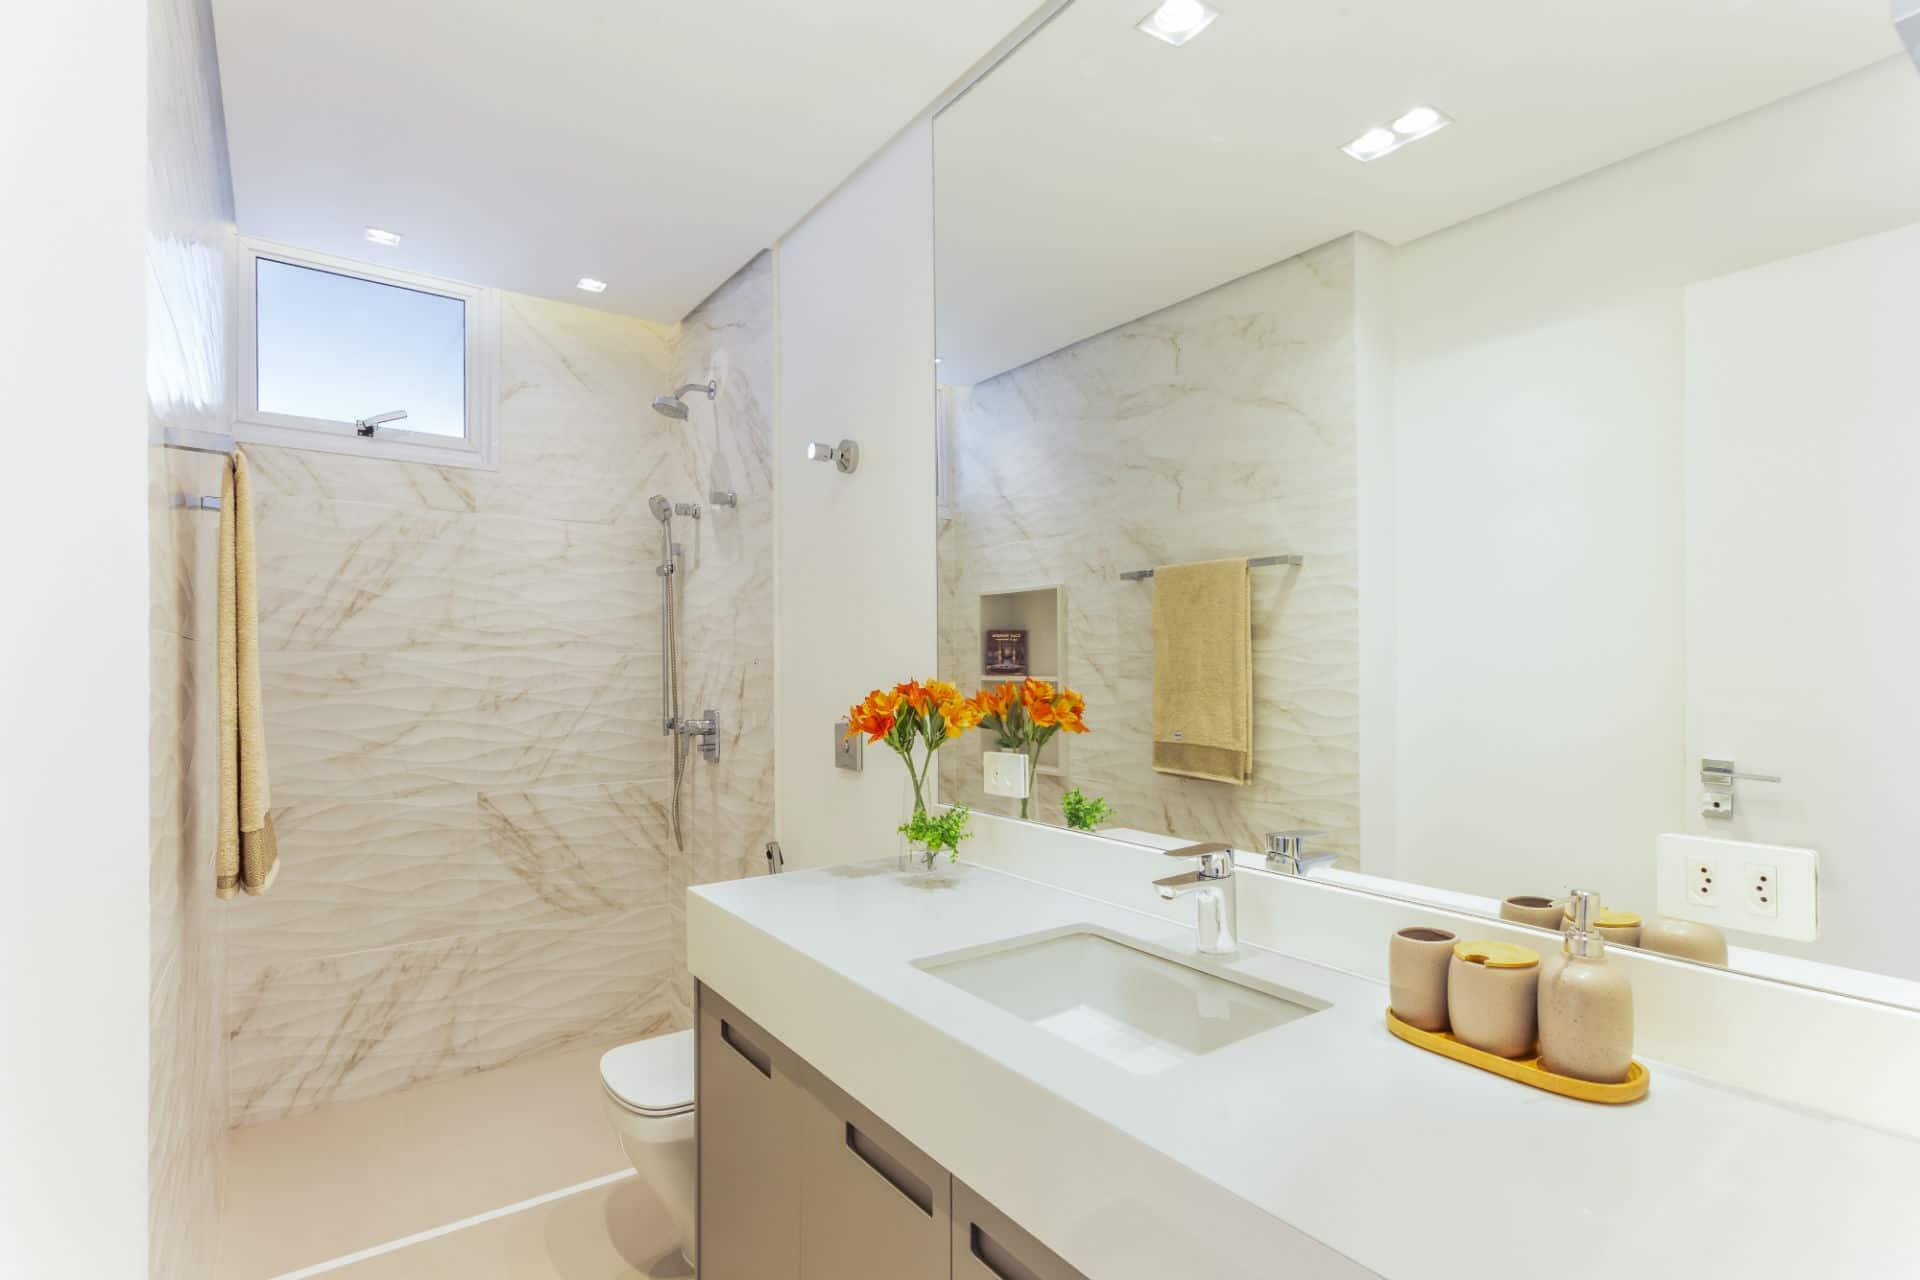 Antes&Depois: confira a incrível transformação deste banheiro